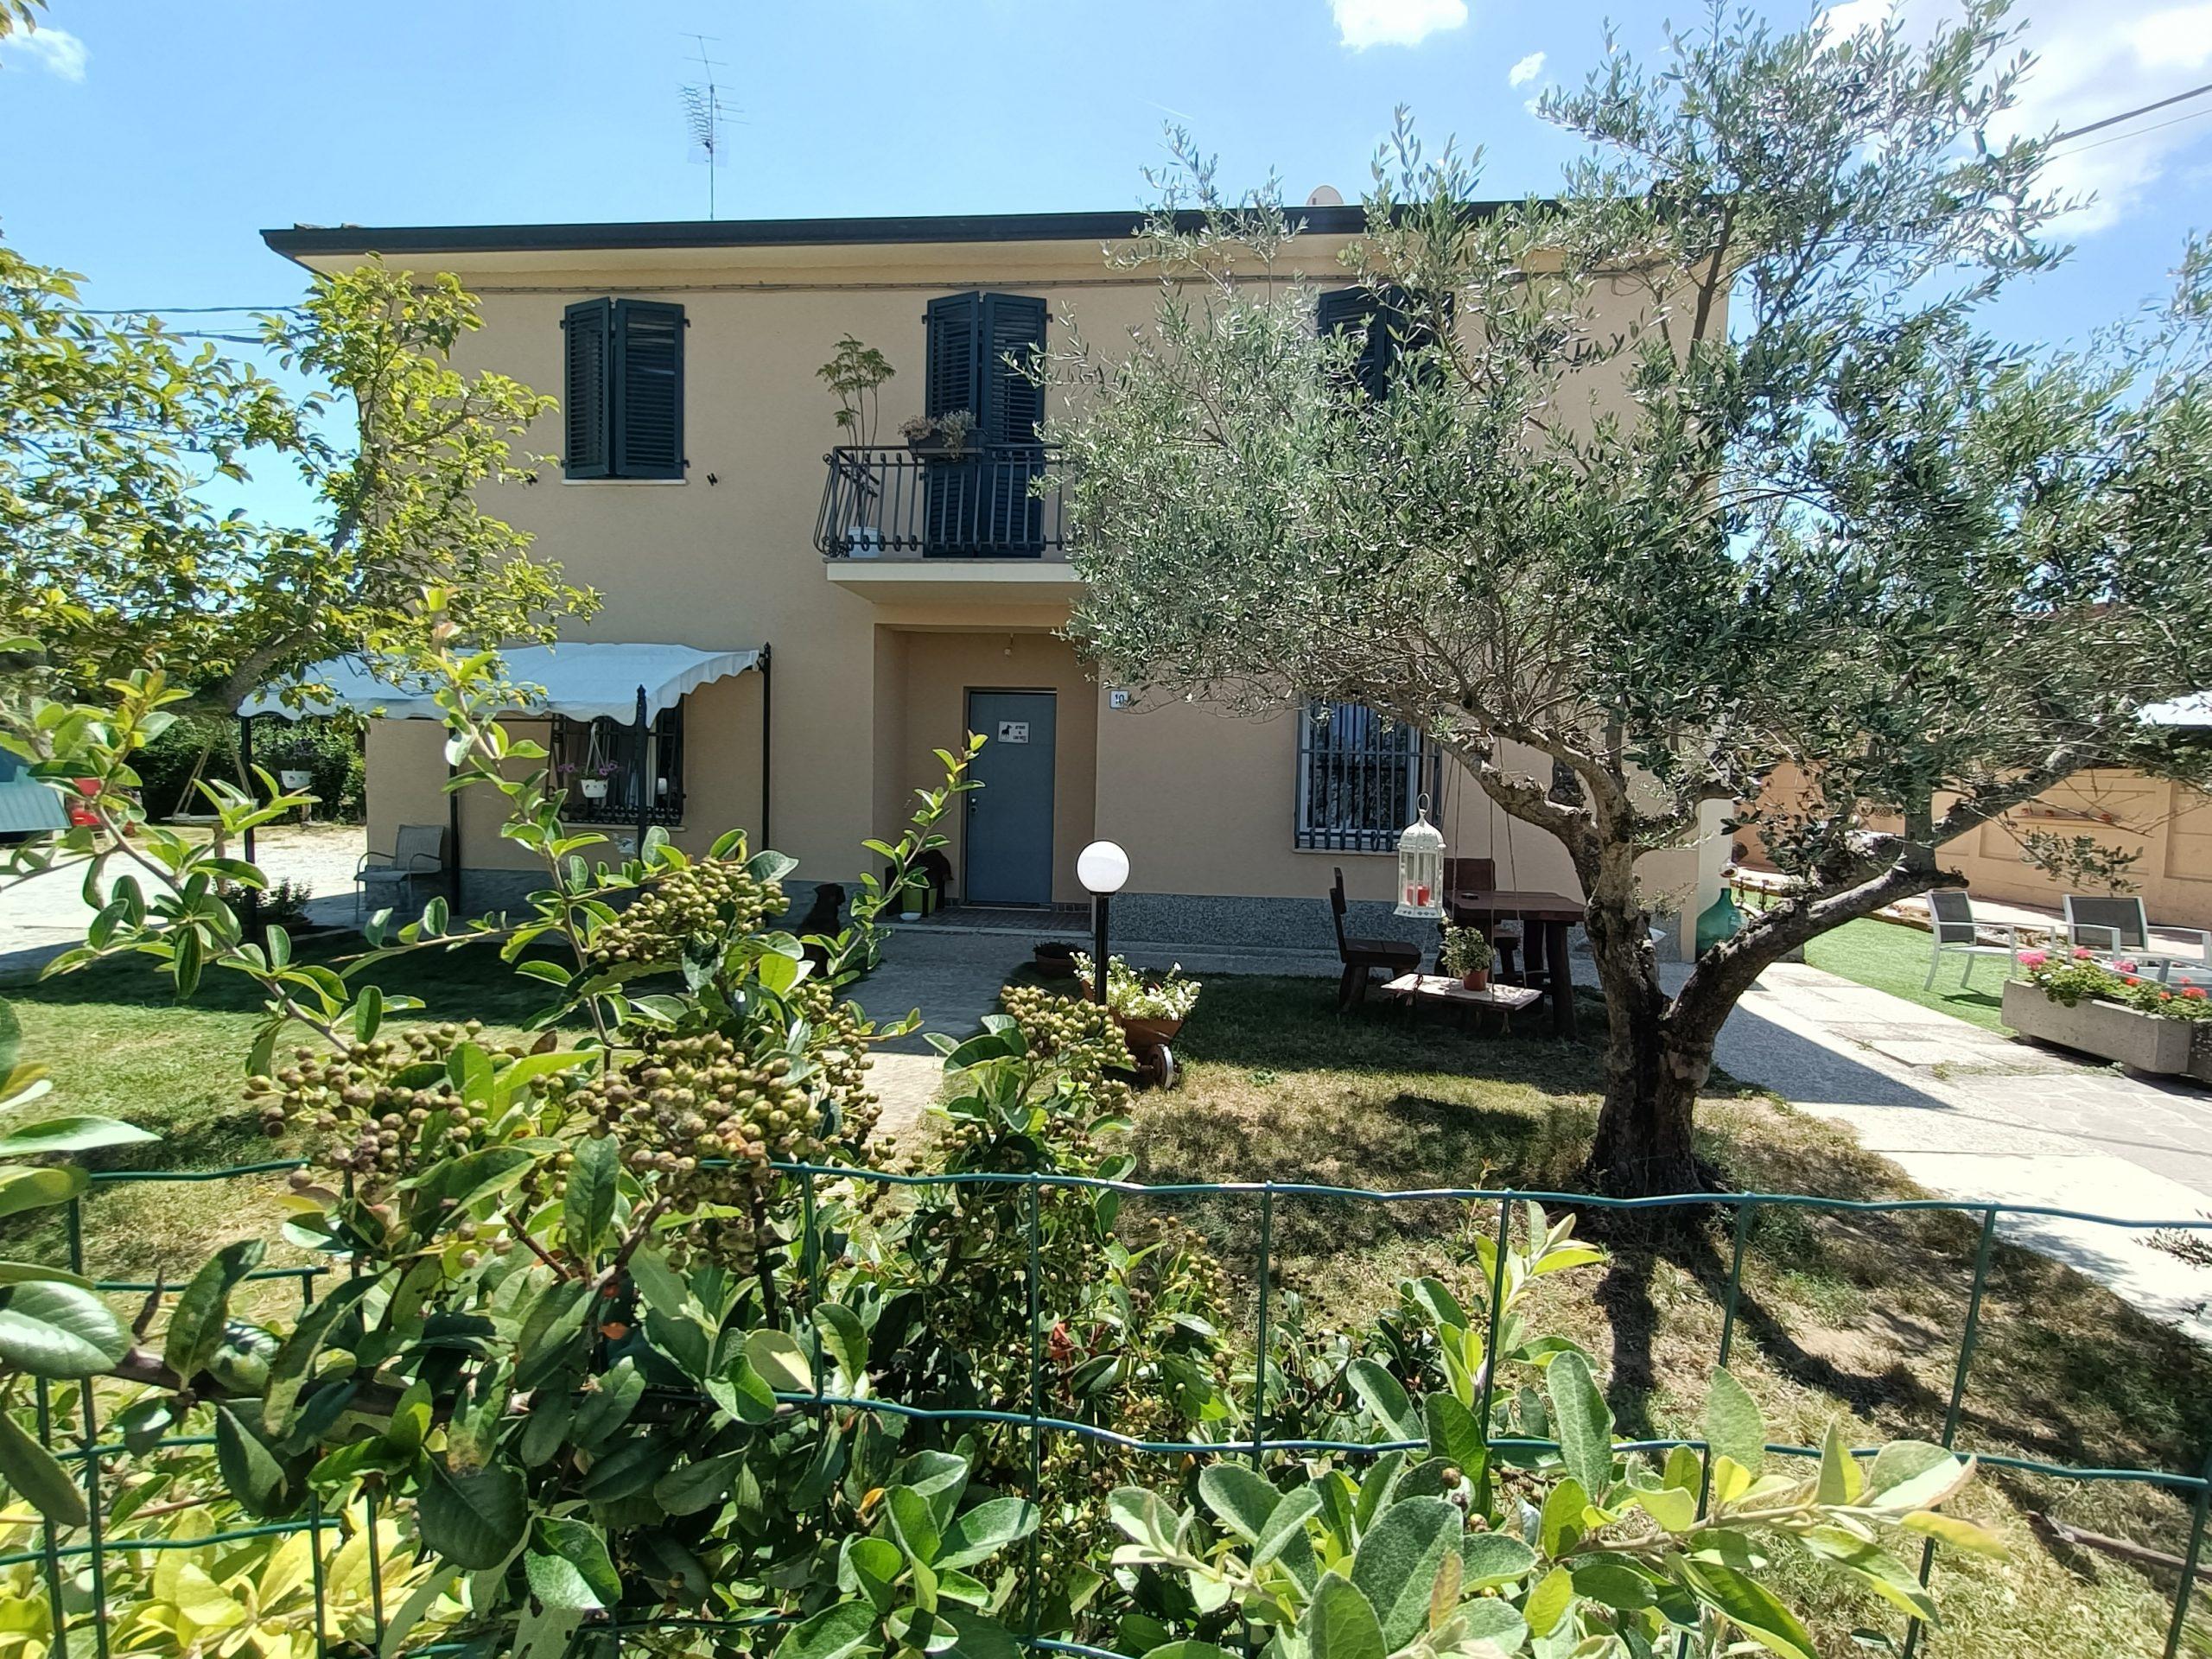 BRISIGHELLA loc. Villa Vezzano casa indipendente con giardino di mq. 800